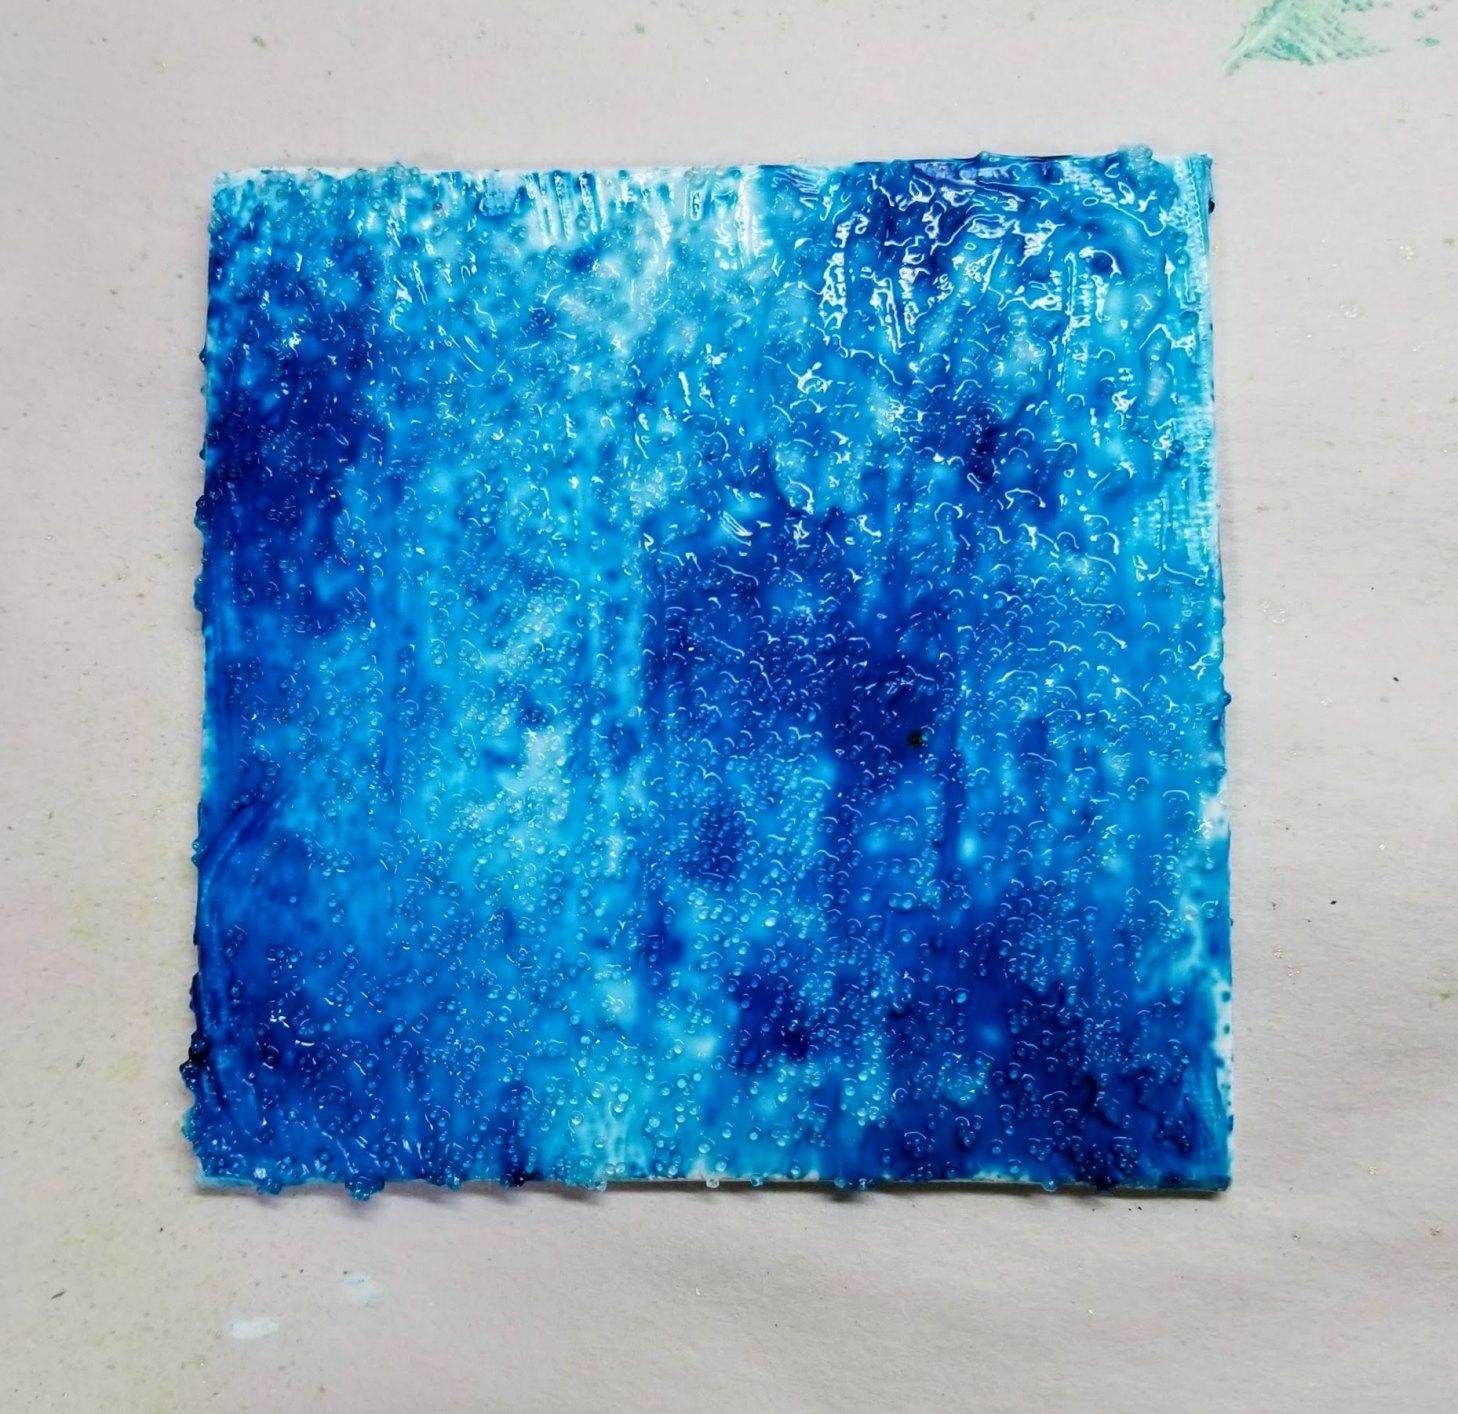 04. wet - glass bead texture